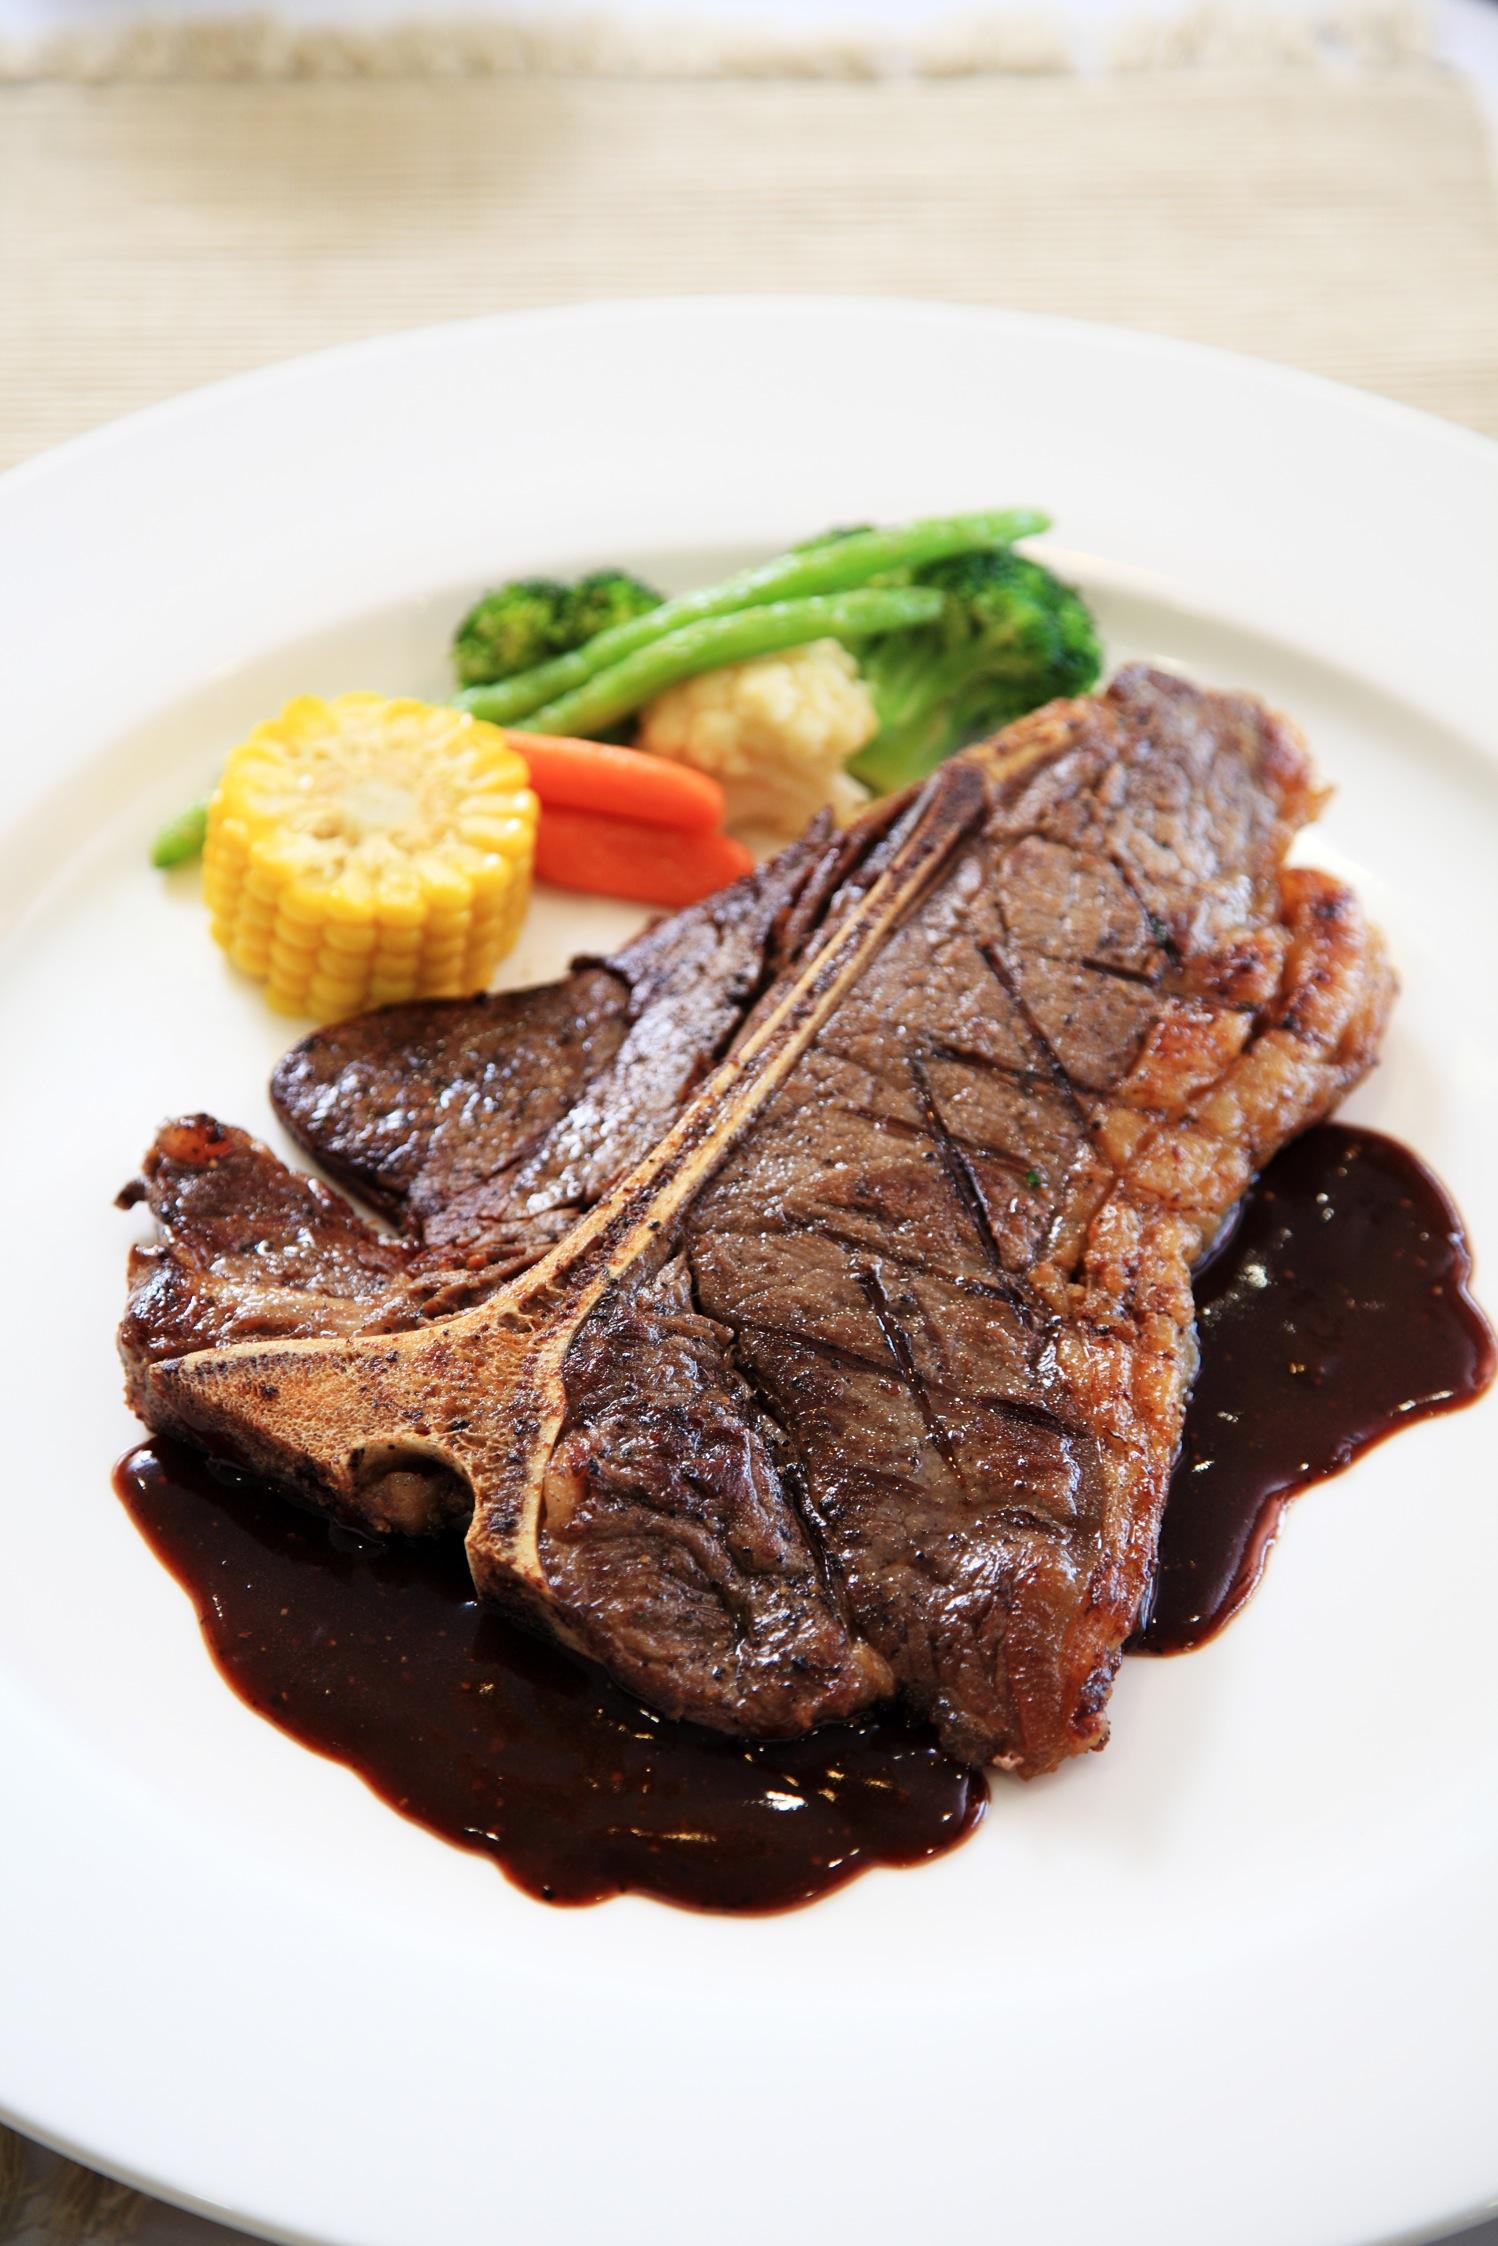 Easy black pepper sauce recipe for steak